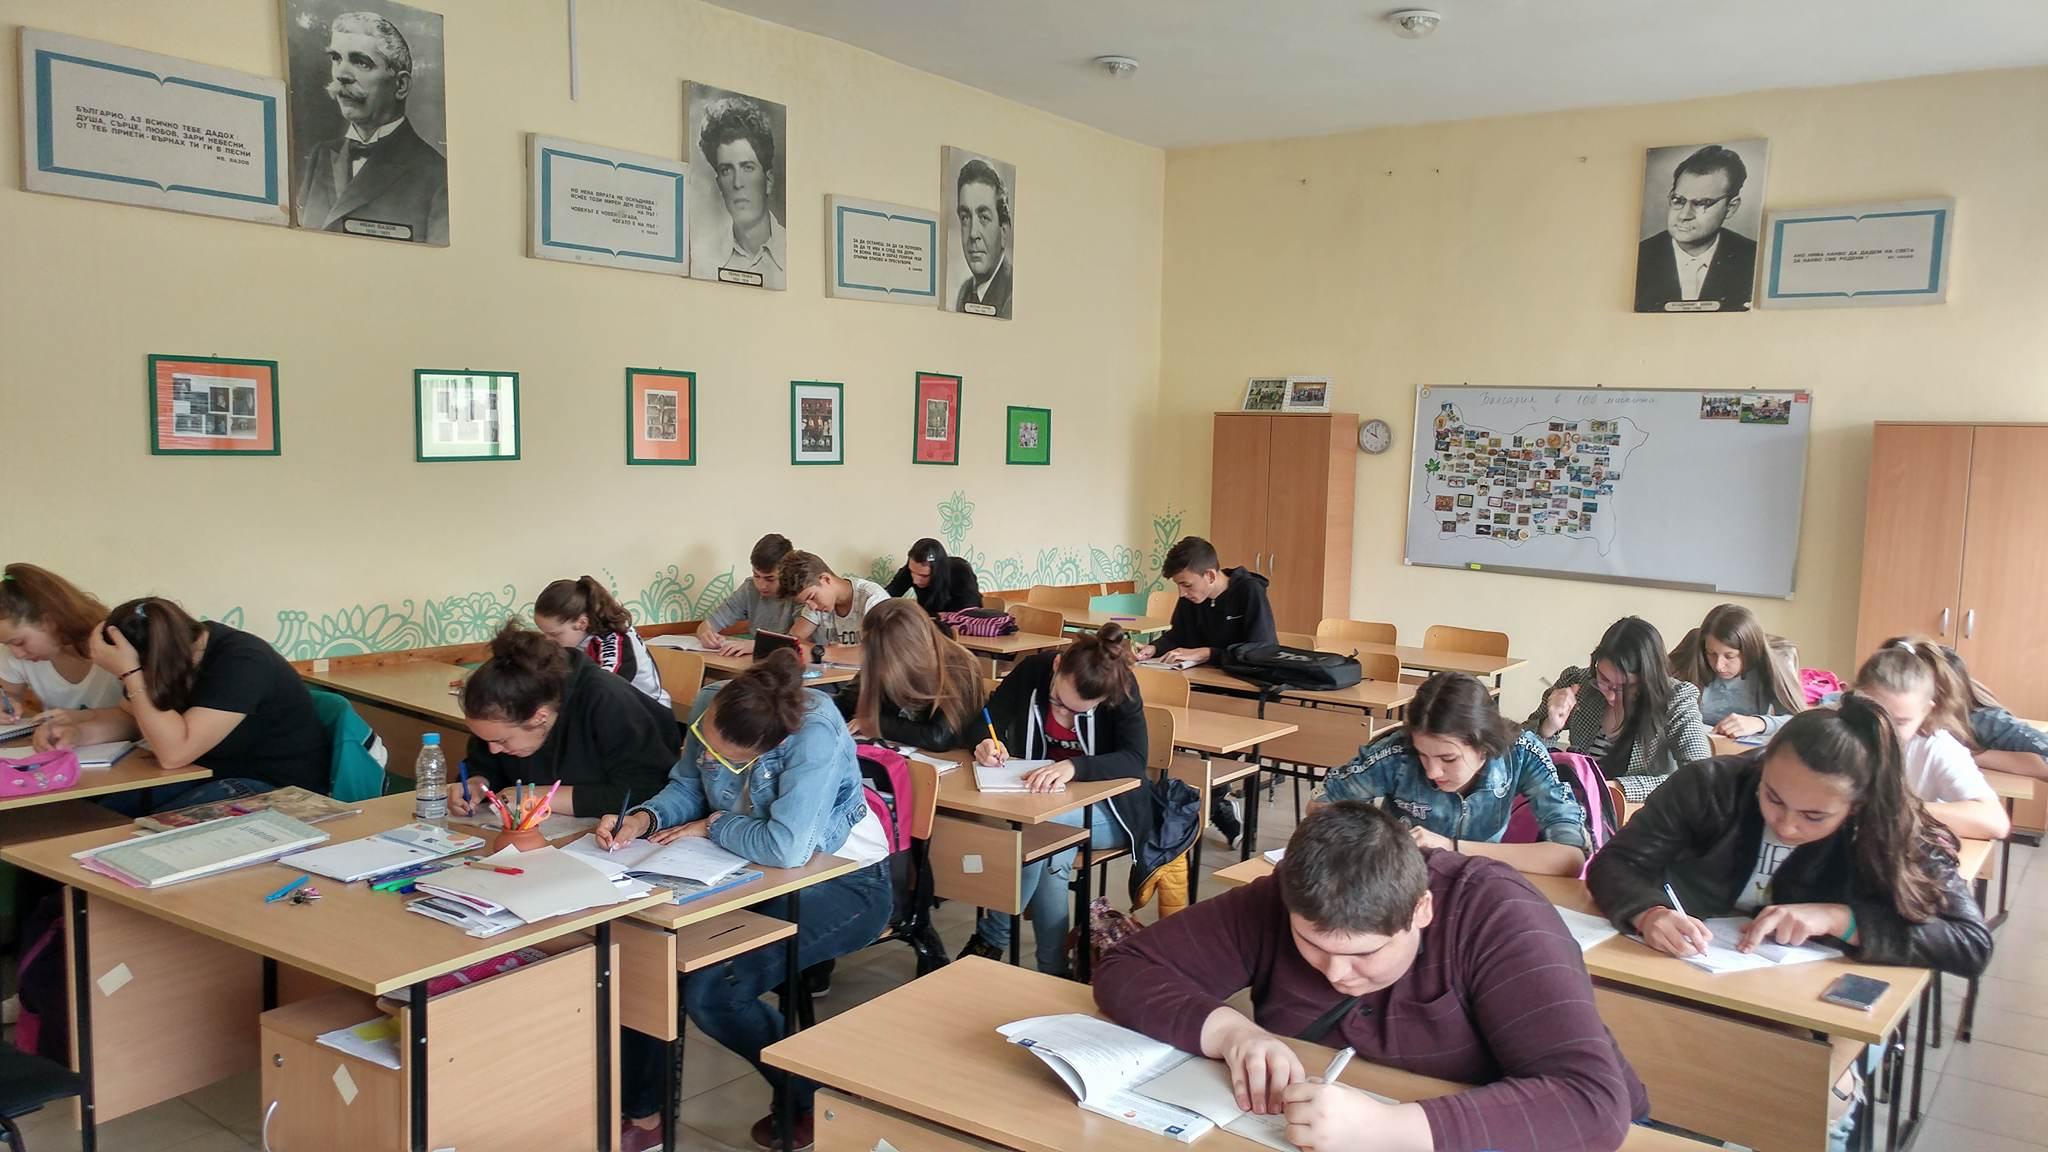 Artwork from the book - Измислени истории by Petia Georgieva - Ourboox.com